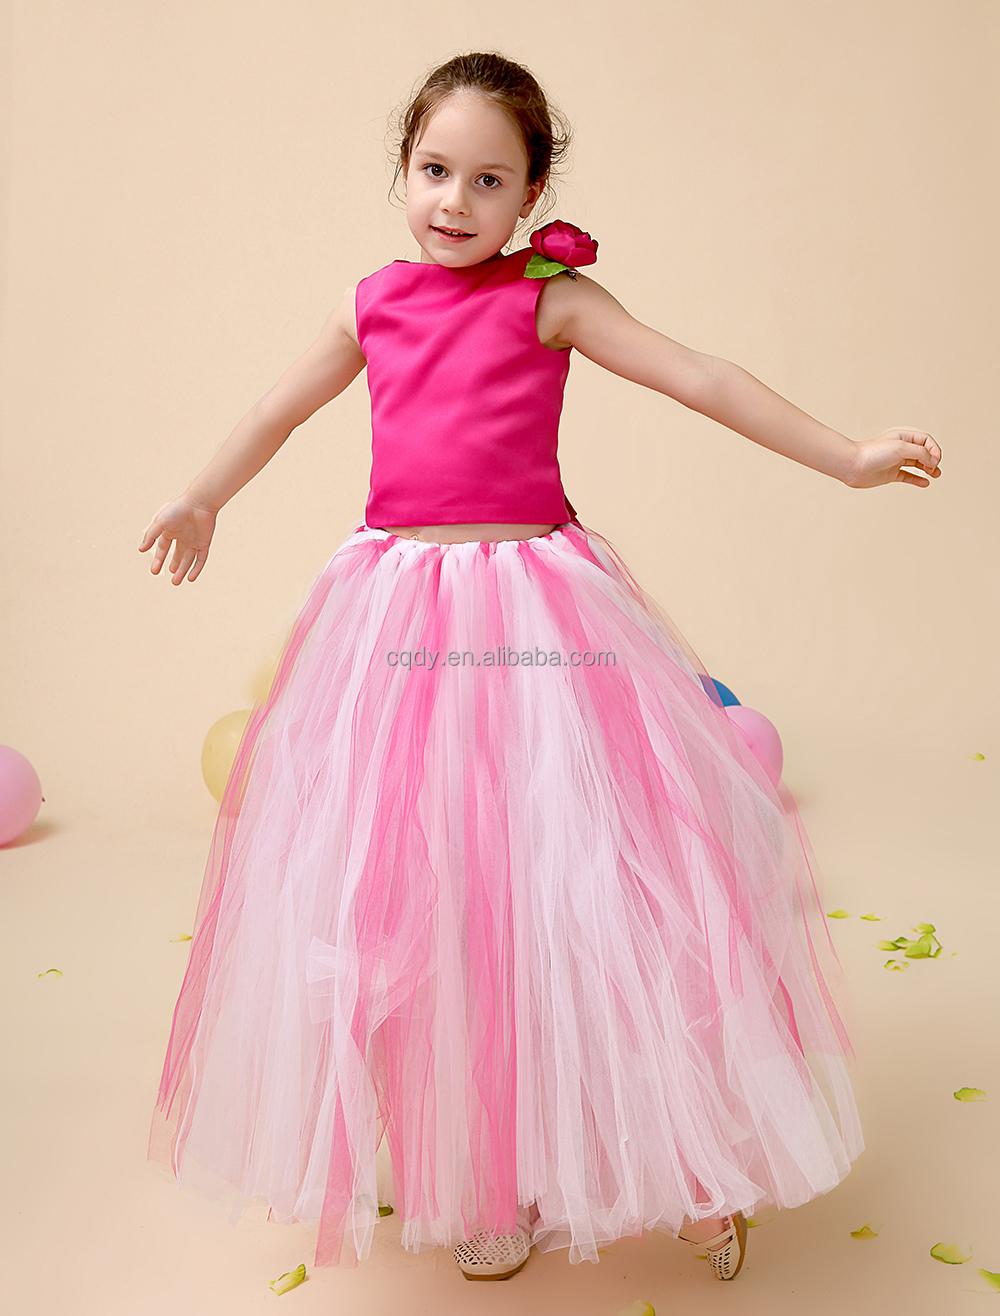 2015 wedding tulle dress frock design for baby girl toddler dress 2015 wedding tulle dress frock design for baby girl toddler dress fancy peach pakistani designer long ombrellifo Images